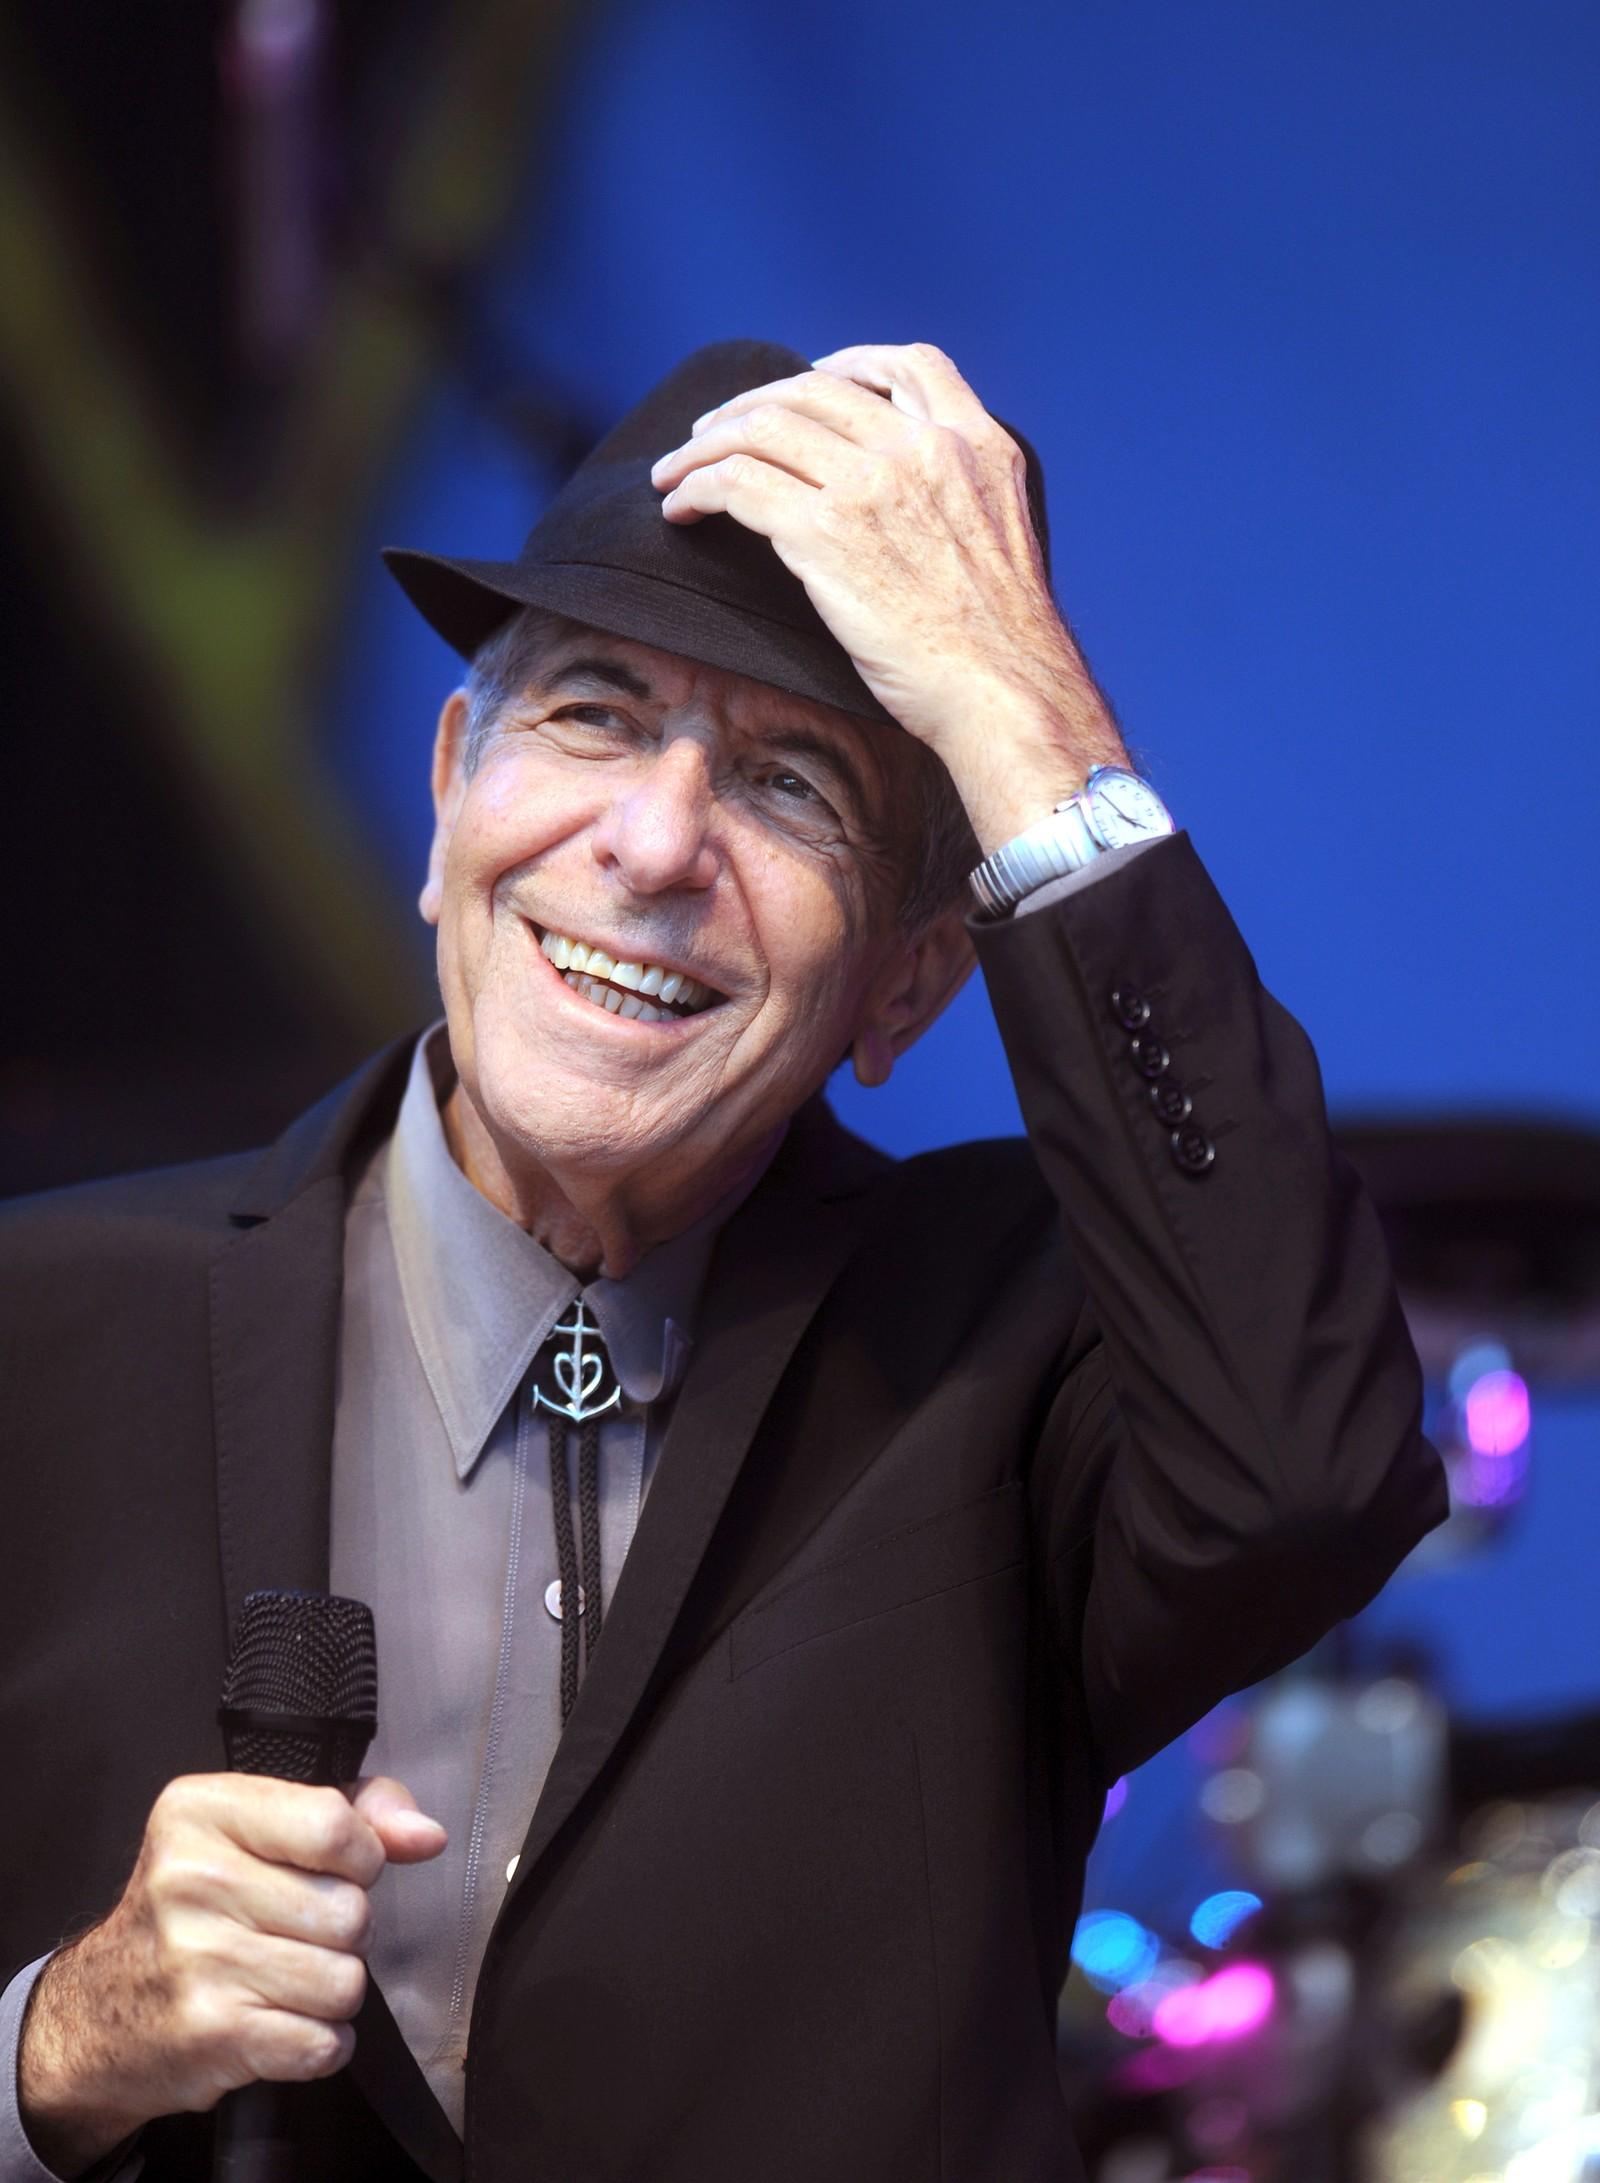 I MOLDE: I 2009 var det Moldejazz som fikk besøk av Leonard Cohen.